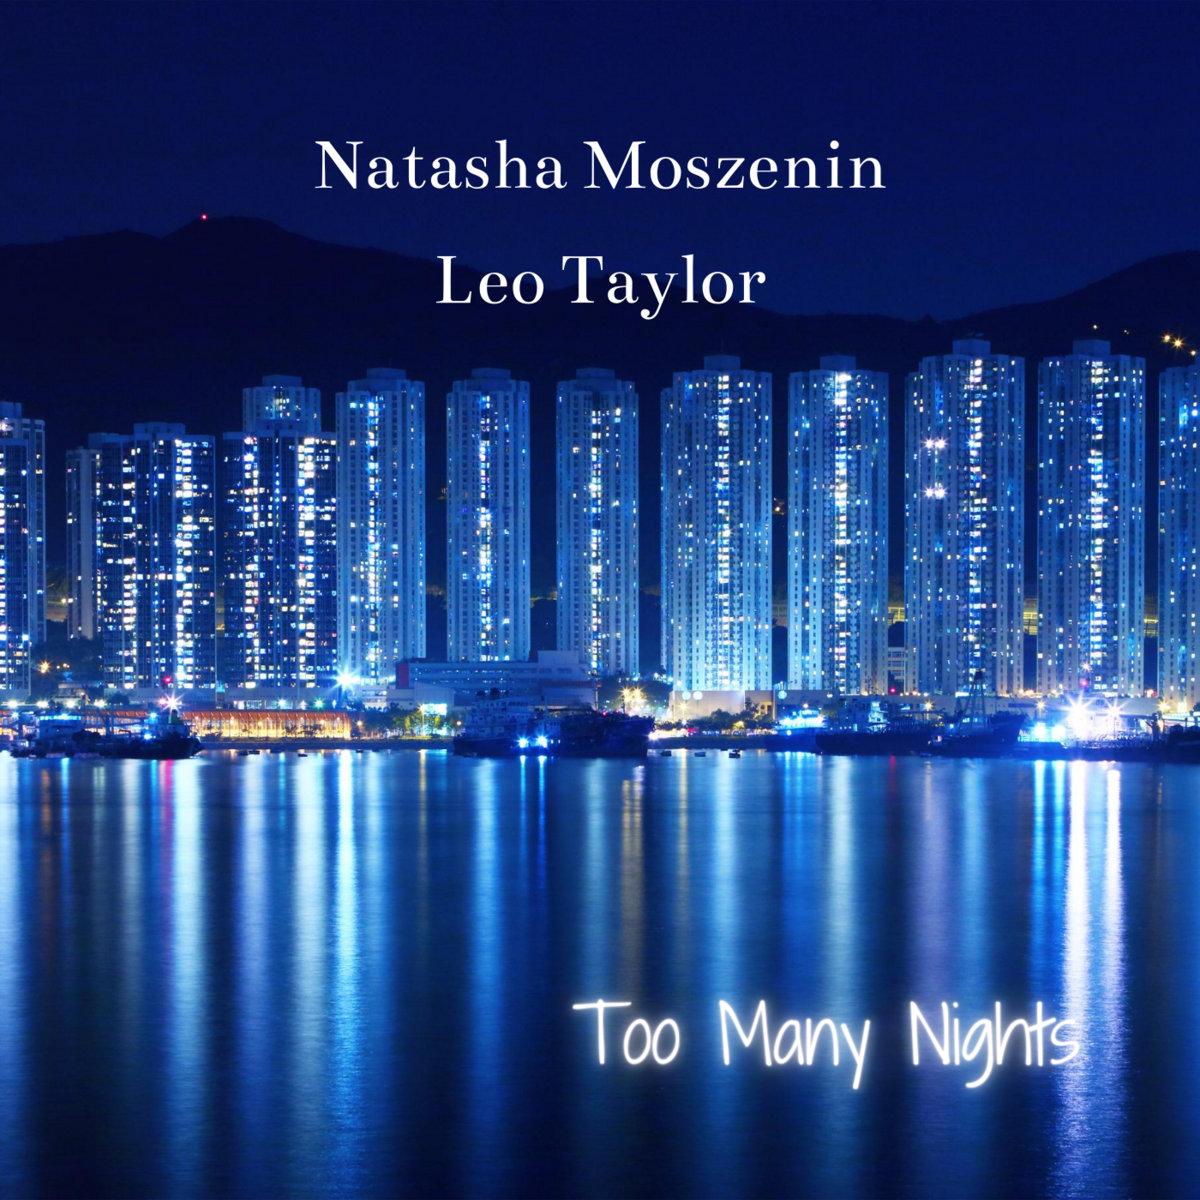 Too Many Nights by Natasha Moszenin